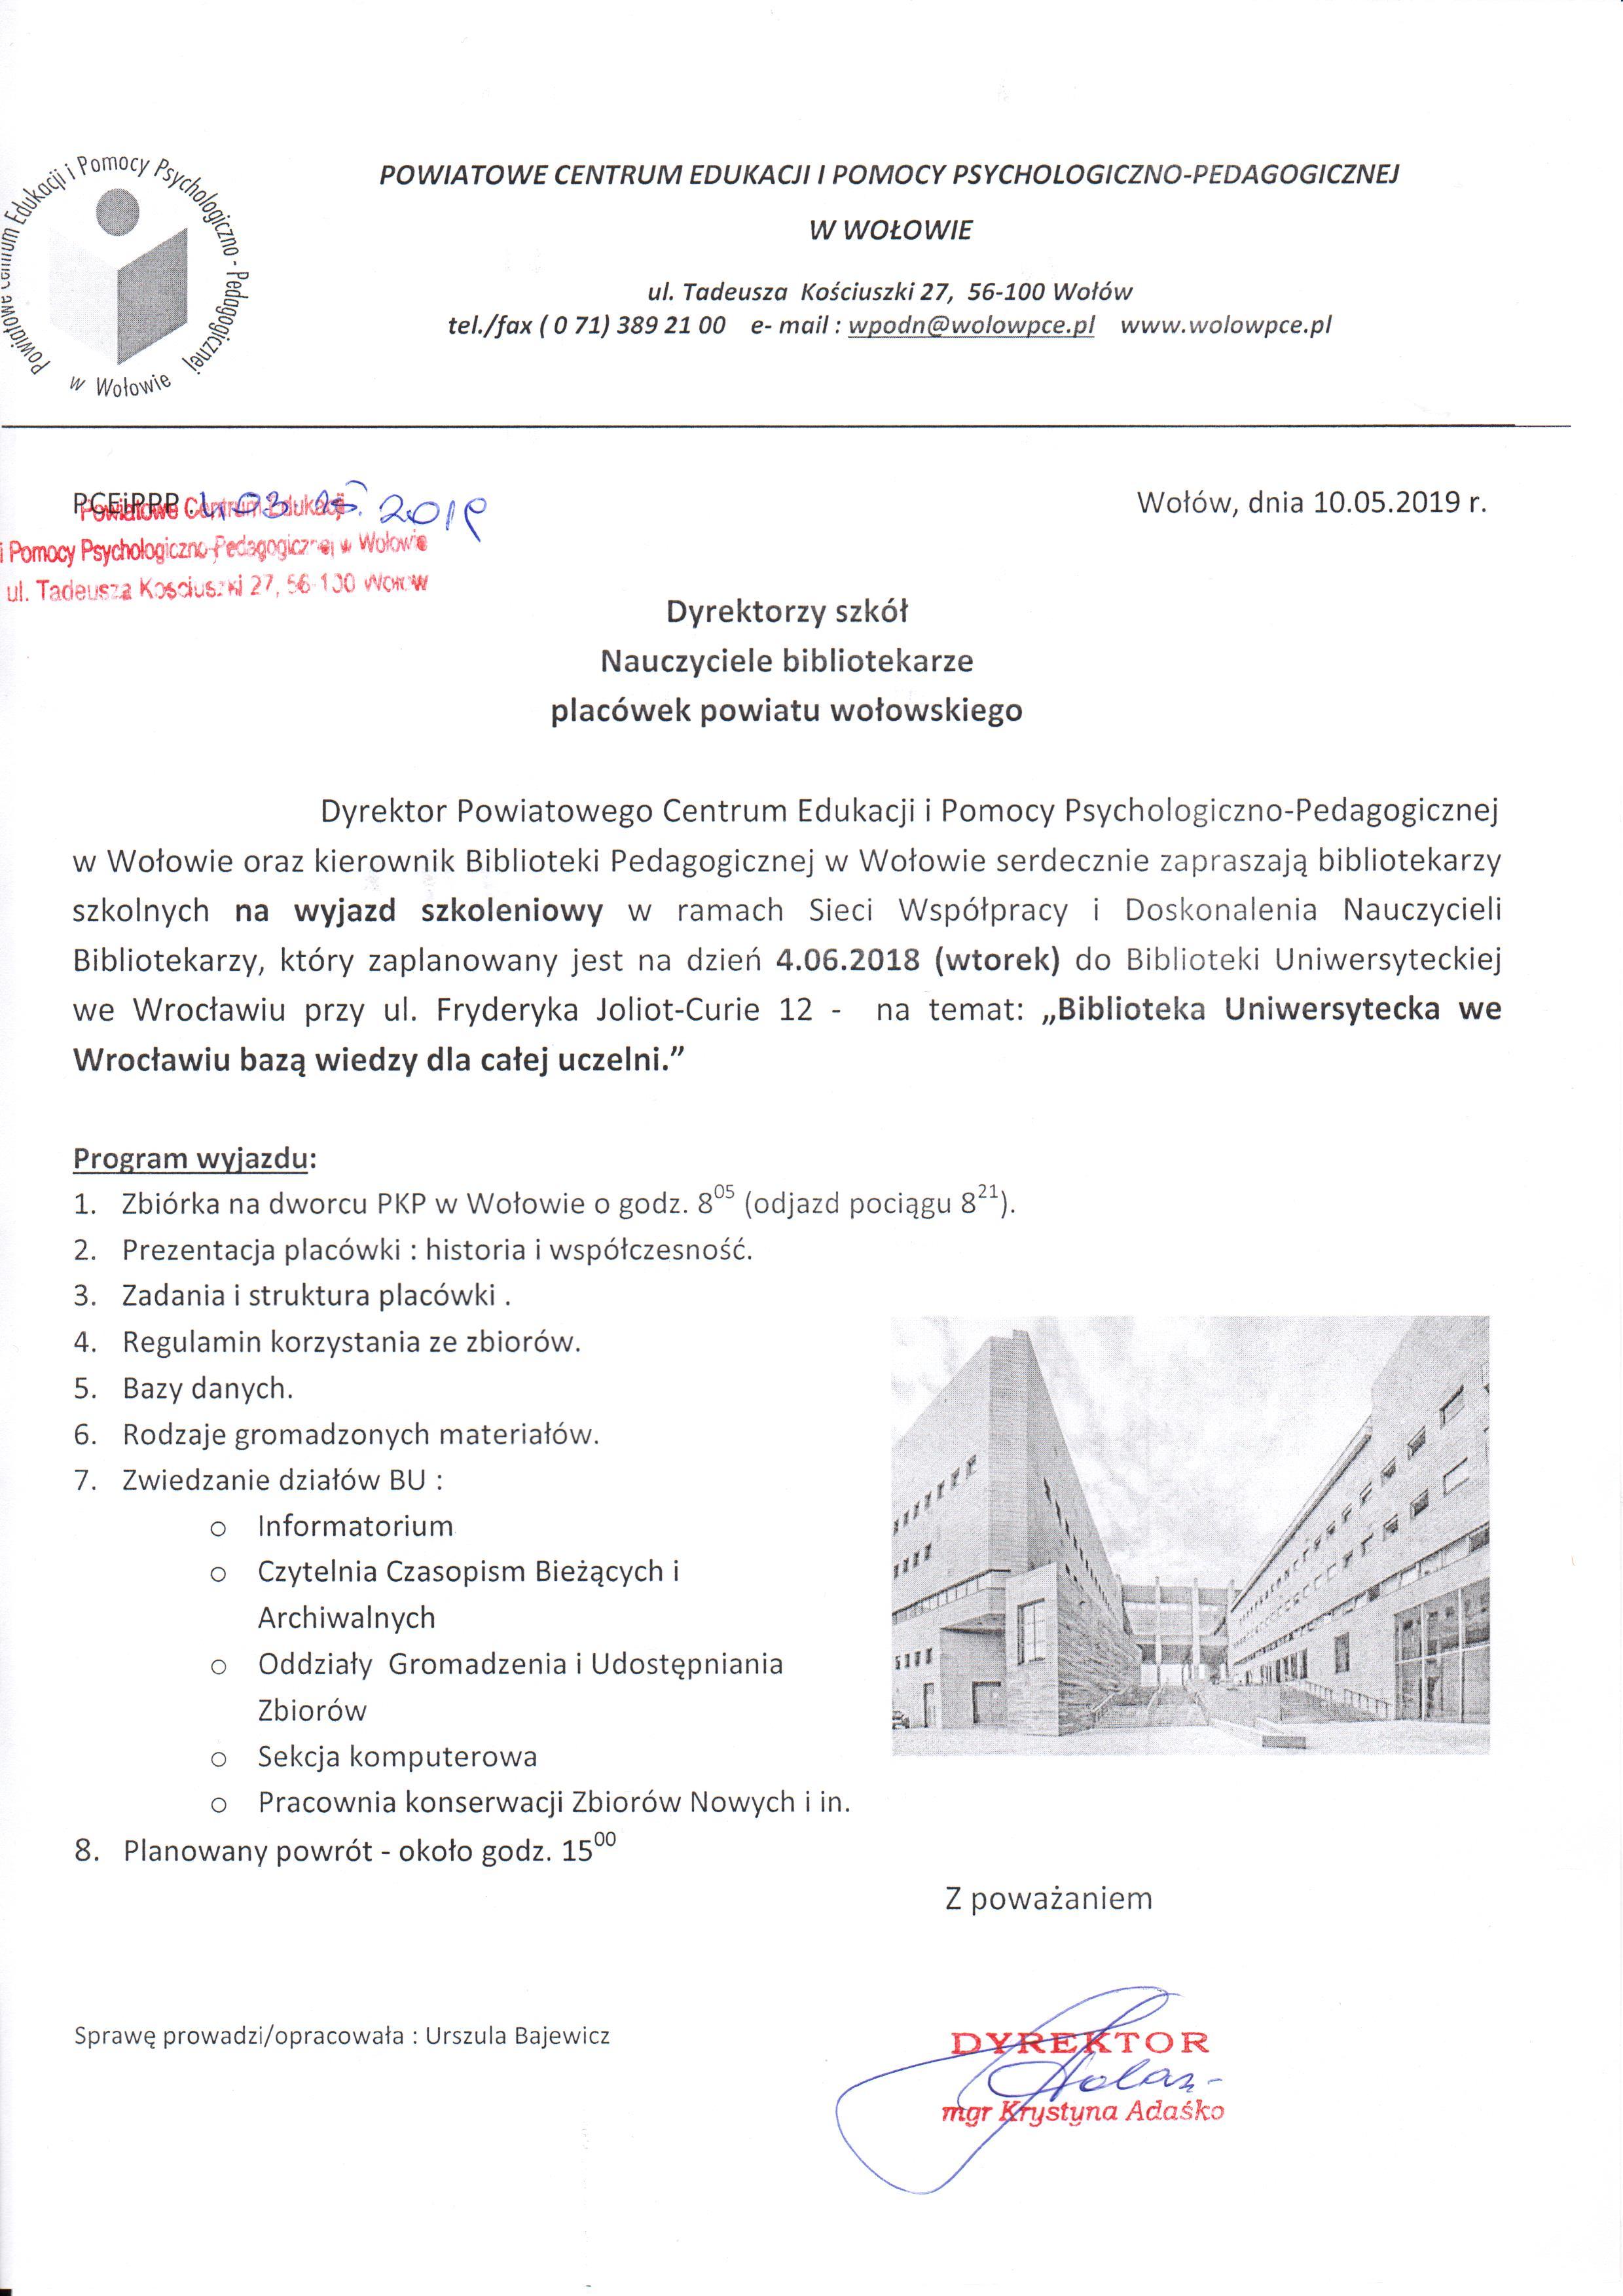 9799000e61ec3d 04_06_2019 Sieć Współpracy i Samokształcenia Nauczycieli Bibliotekarzy.jpeg